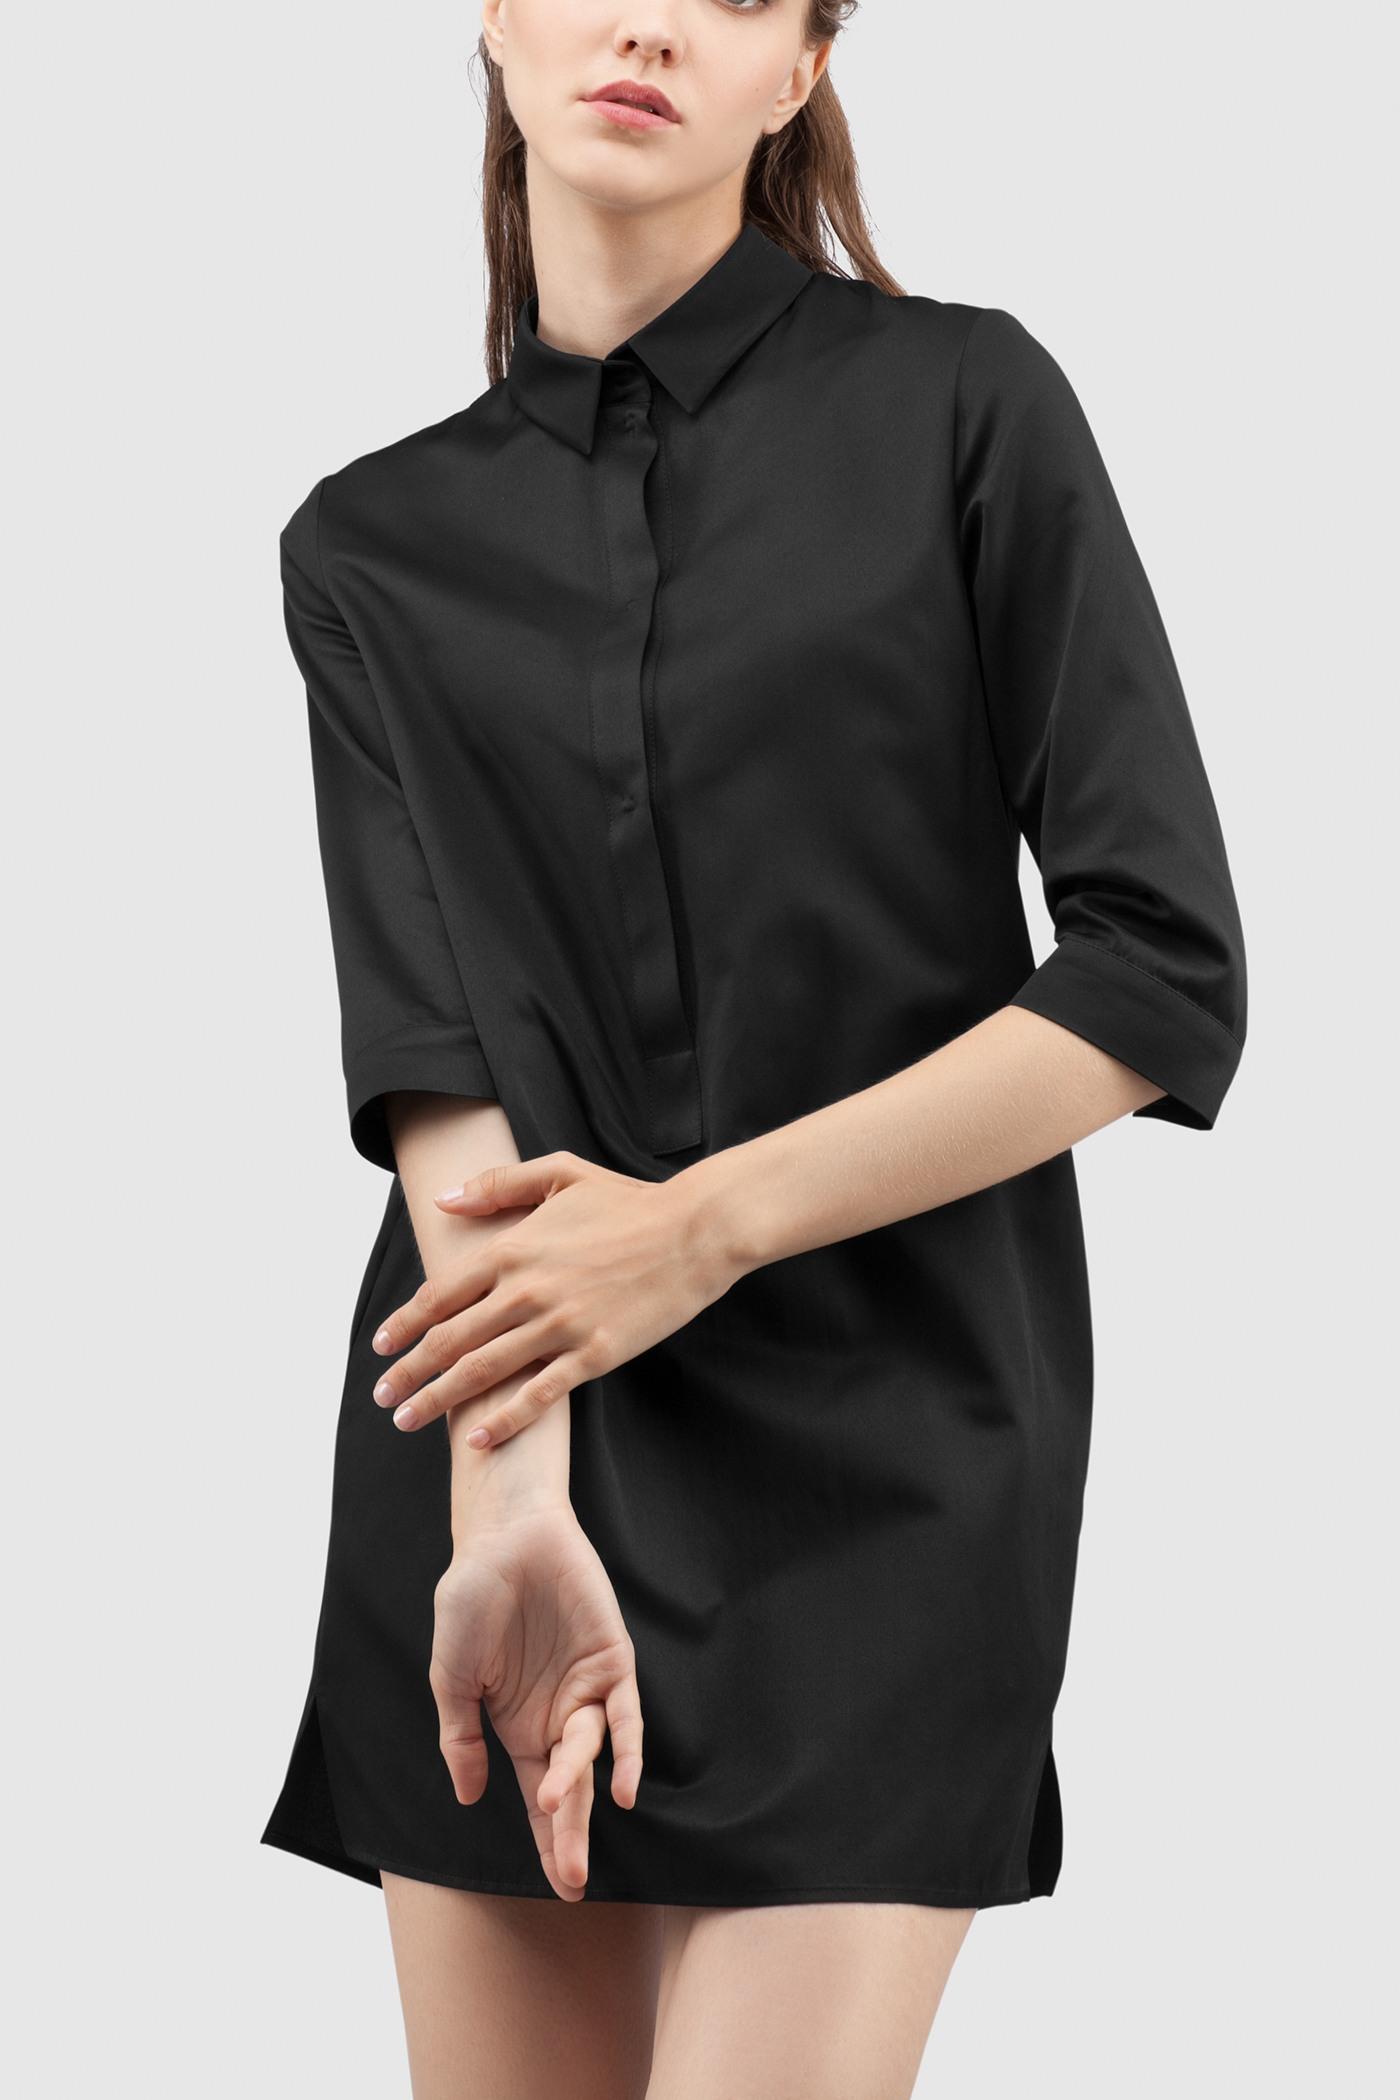 РубашкаУдлиненная рубашка из хлопка&#13;<br>&#13;<br>&#13;<br>застегивается на пуговицы&#13;<br>&#13;<br>рукава 3/4&#13;<br>&#13;<br>прямой силуэт&#13;<br>&#13;<br>длина рубашки по спинке — 80 см<br><br>Цвет: Черный, Белый, Красный, Бледно-розовый<br>Размер: XS, S, M, L